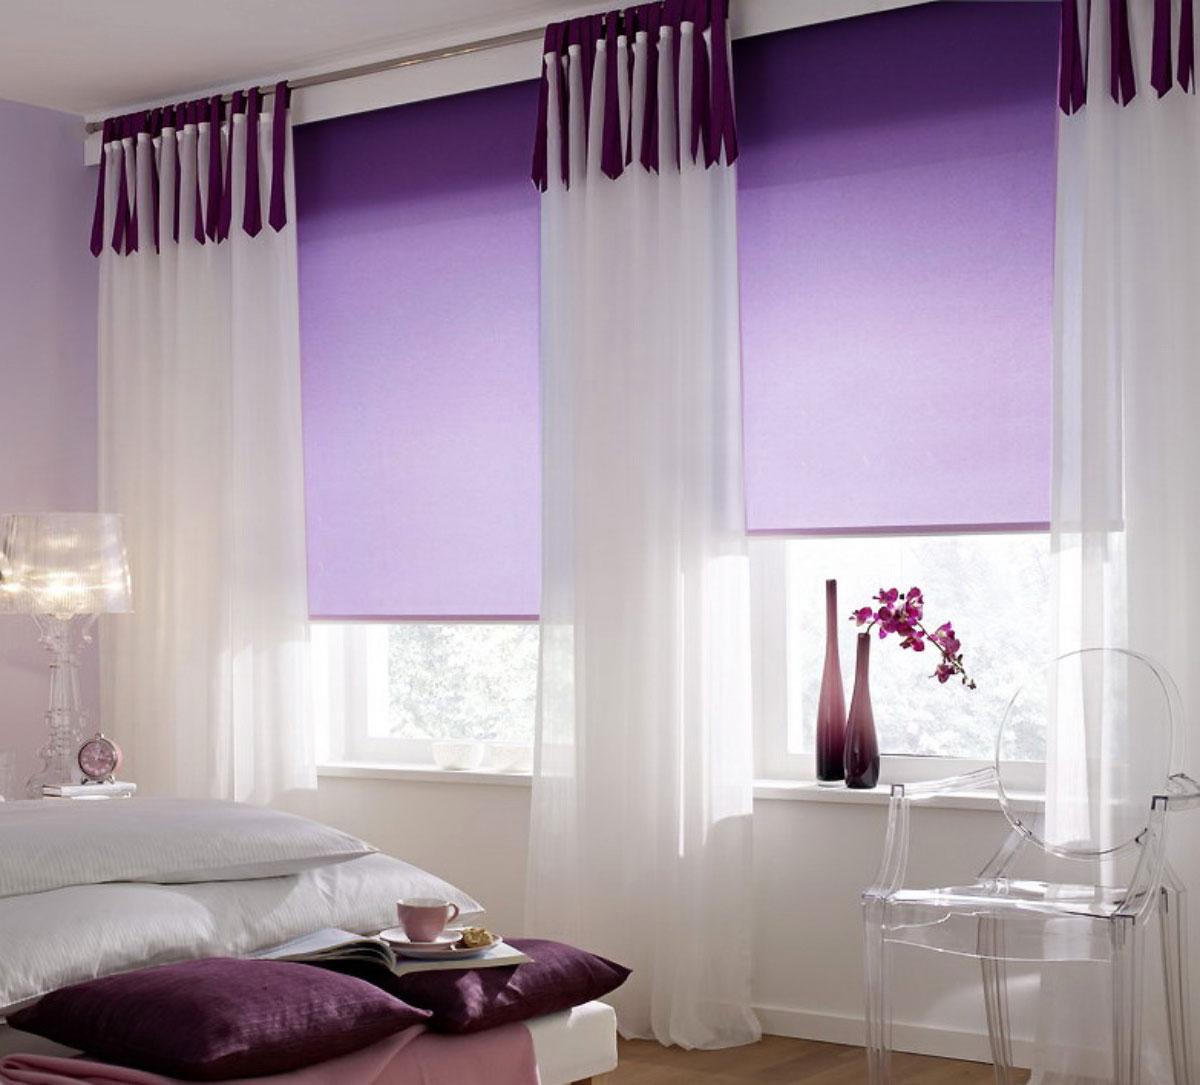 Штора рулонная KauffOrt Миниролло, цвет: фиолетовый, ширина 90 см, высота 170 см3090007Рулонная штора Миниролло выполнена из высокопрочной ткани, которая сохраняет свой размер даже при намокании. Ткань не выцветает и обладает отличной цветоустойчивостью. Миниролло - это подвид рулонных штор, который закрывает не весь оконный проем, а непосредственно само стекло. Такие шторы крепятся на раму без сверления при помощи зажимов или клейкой двухсторонней ленты (в комплекте). Окно остается на гарантии, благодаря монтажу без сверления. Такая штора станет прекрасным элементом декора окна и гармонично впишется в интерьер любого помещения.